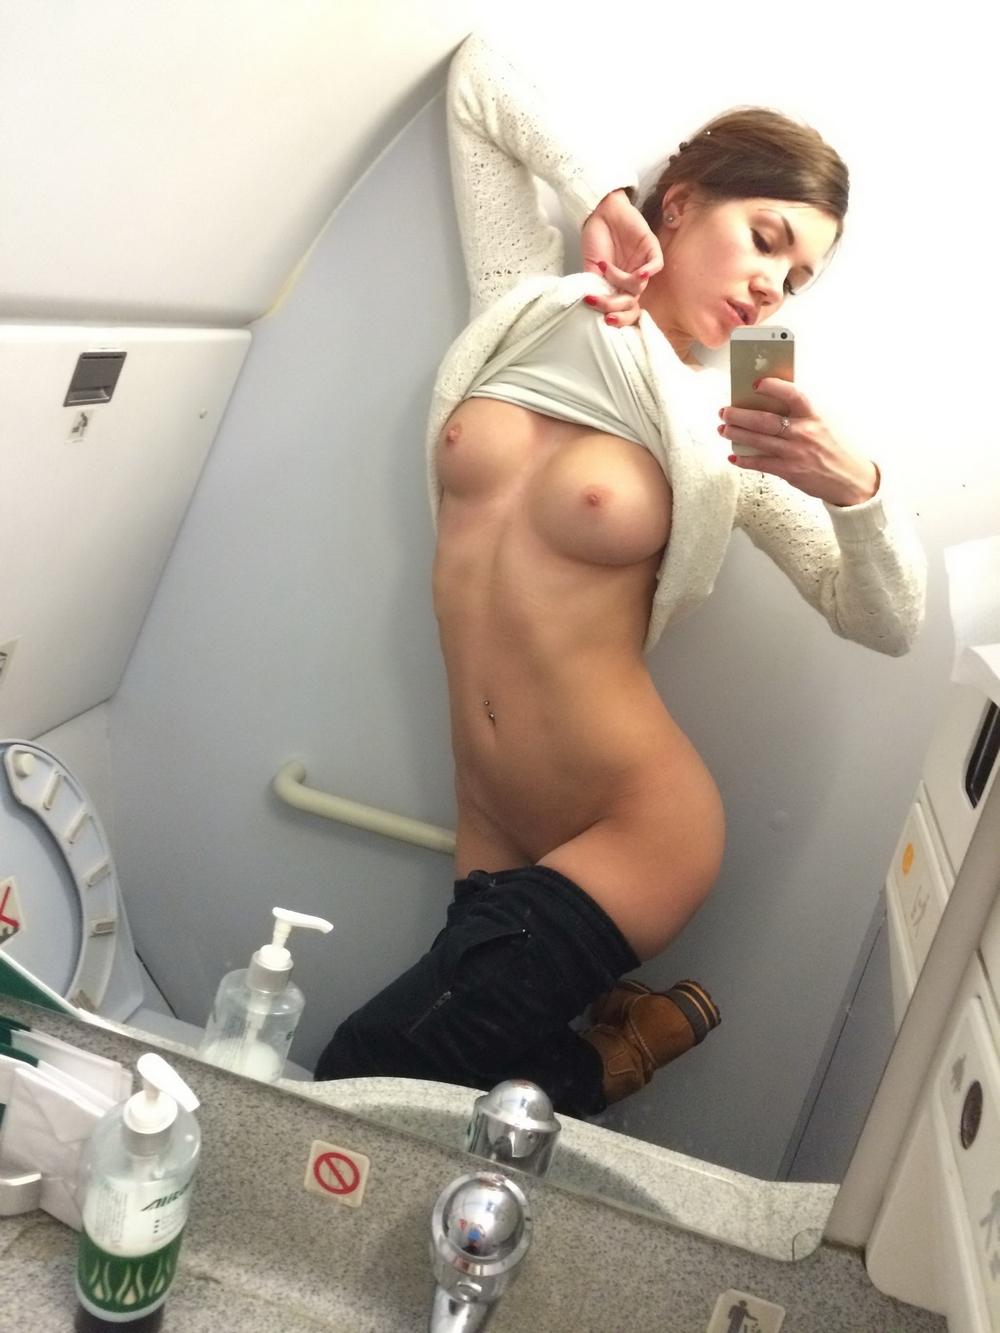 Пошлячка со спортивной фигурой свети голыми титьками на курорте